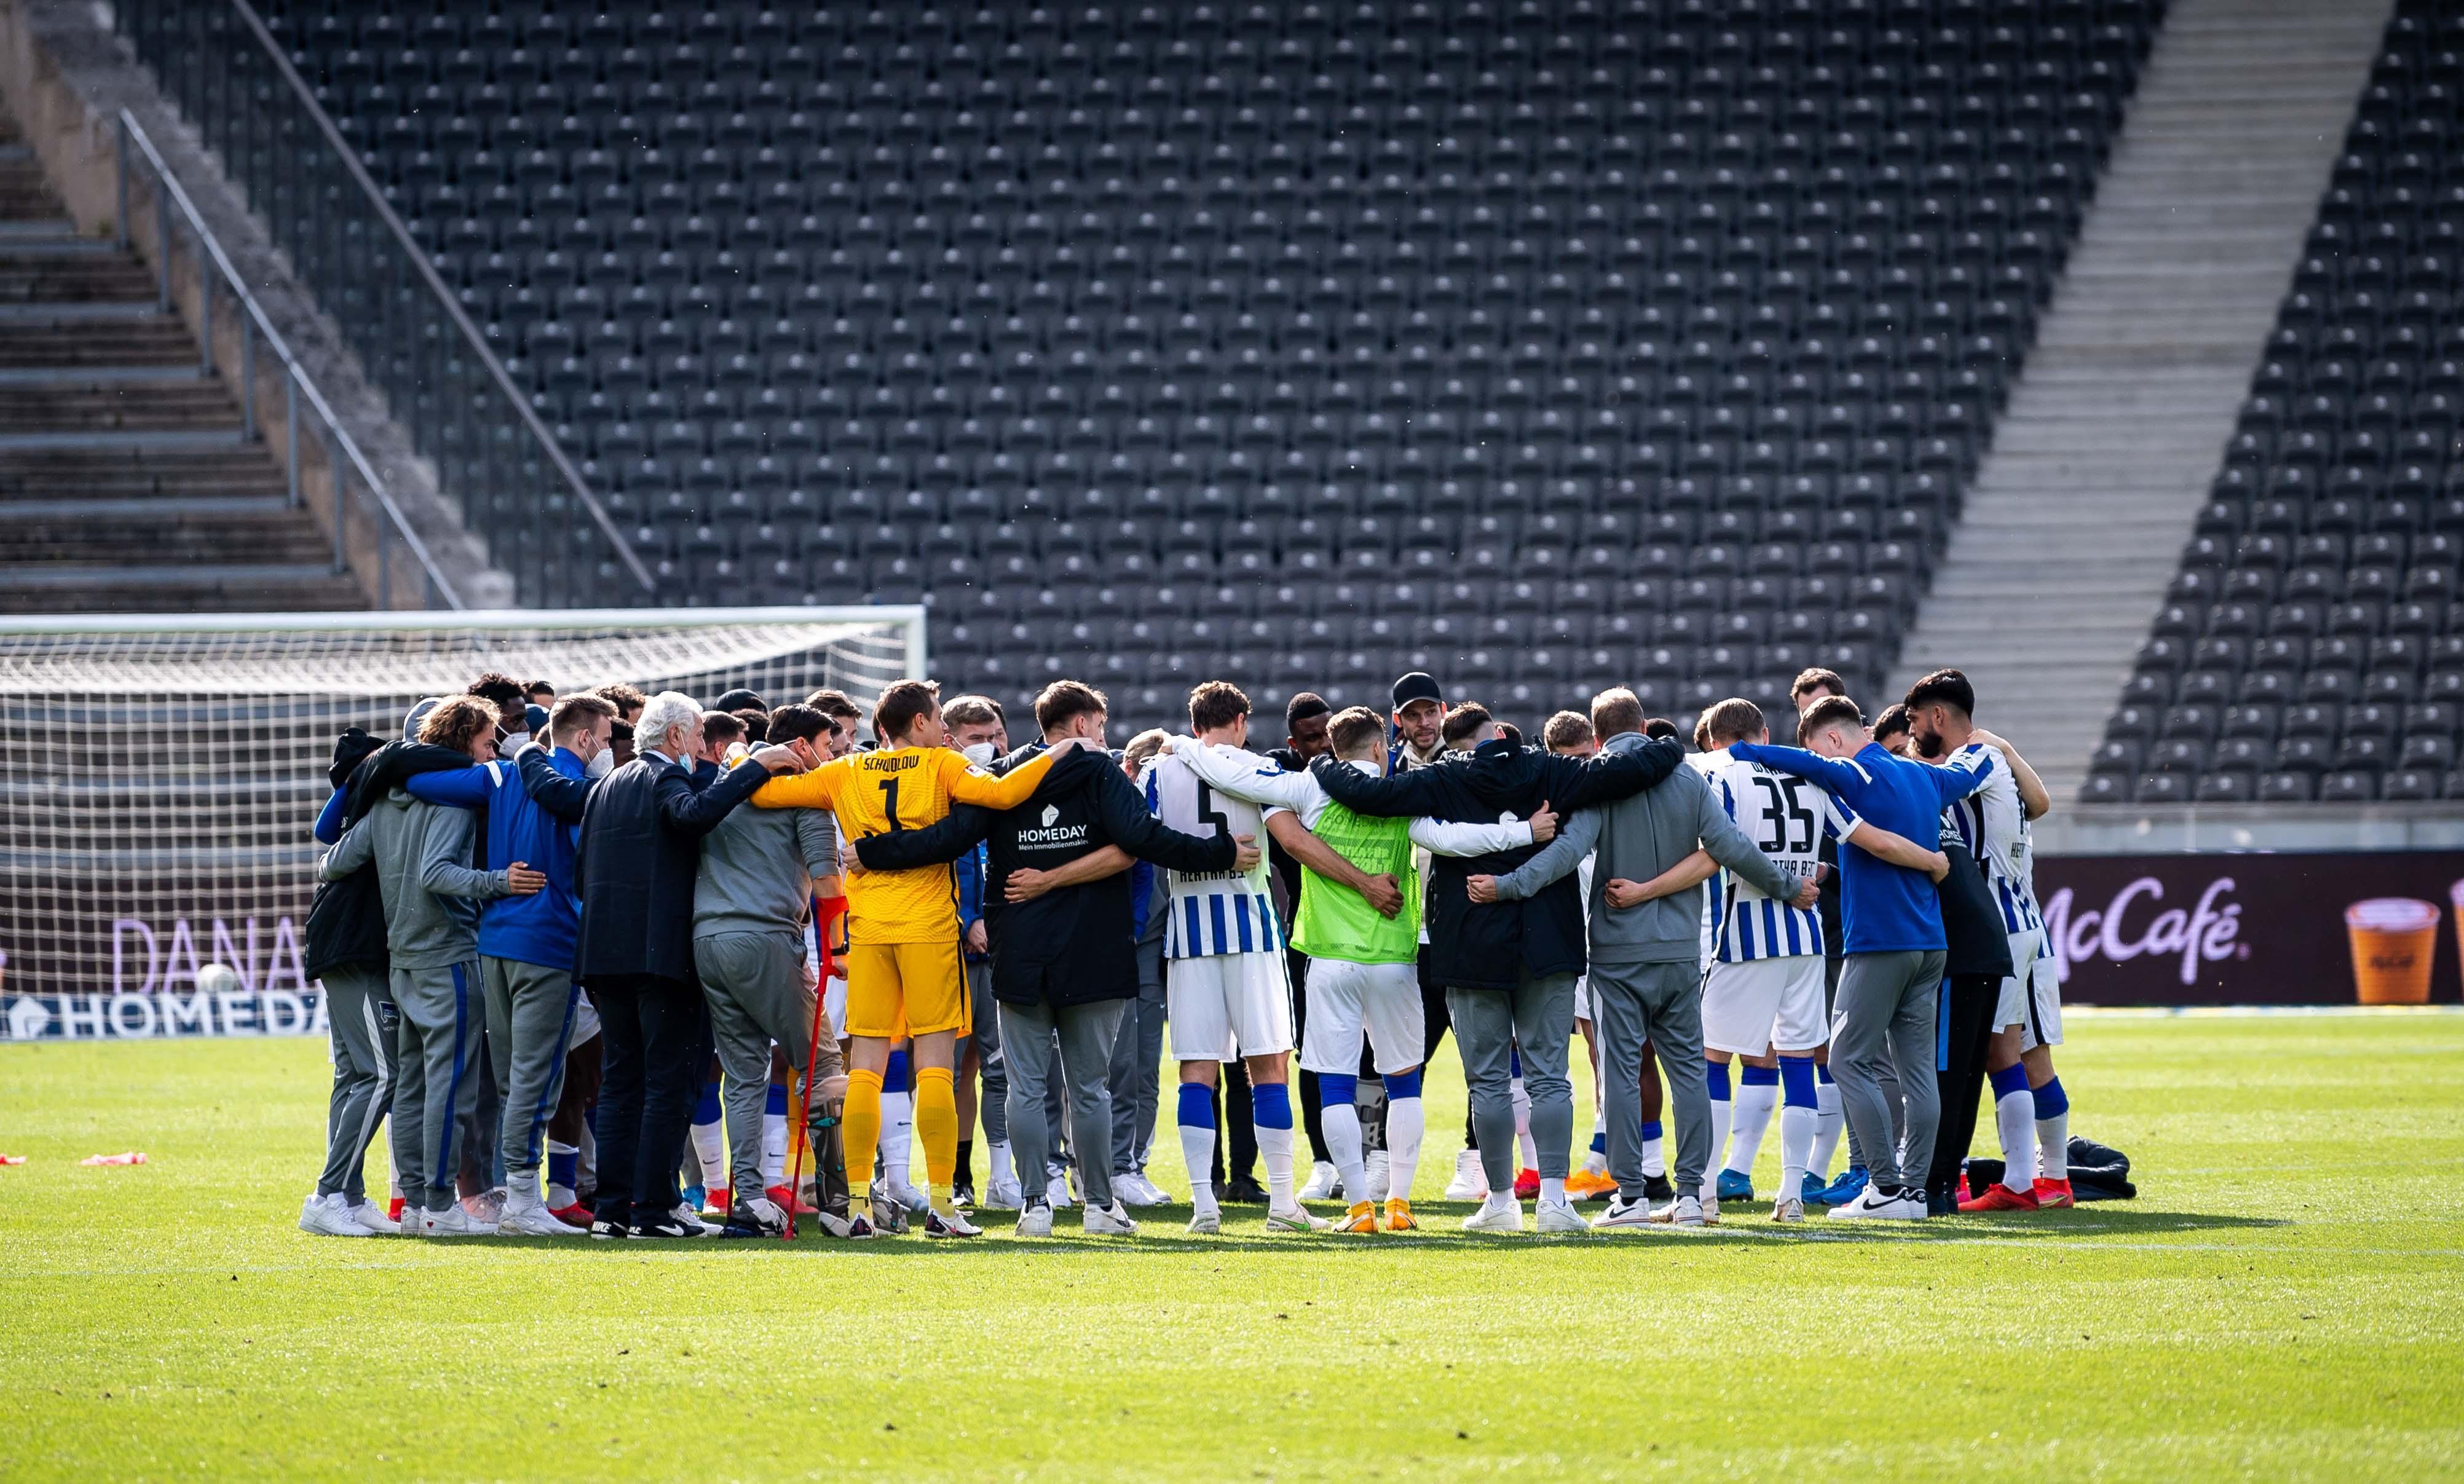 Nuestro equipo se reúne en círculo tras el pitido final.